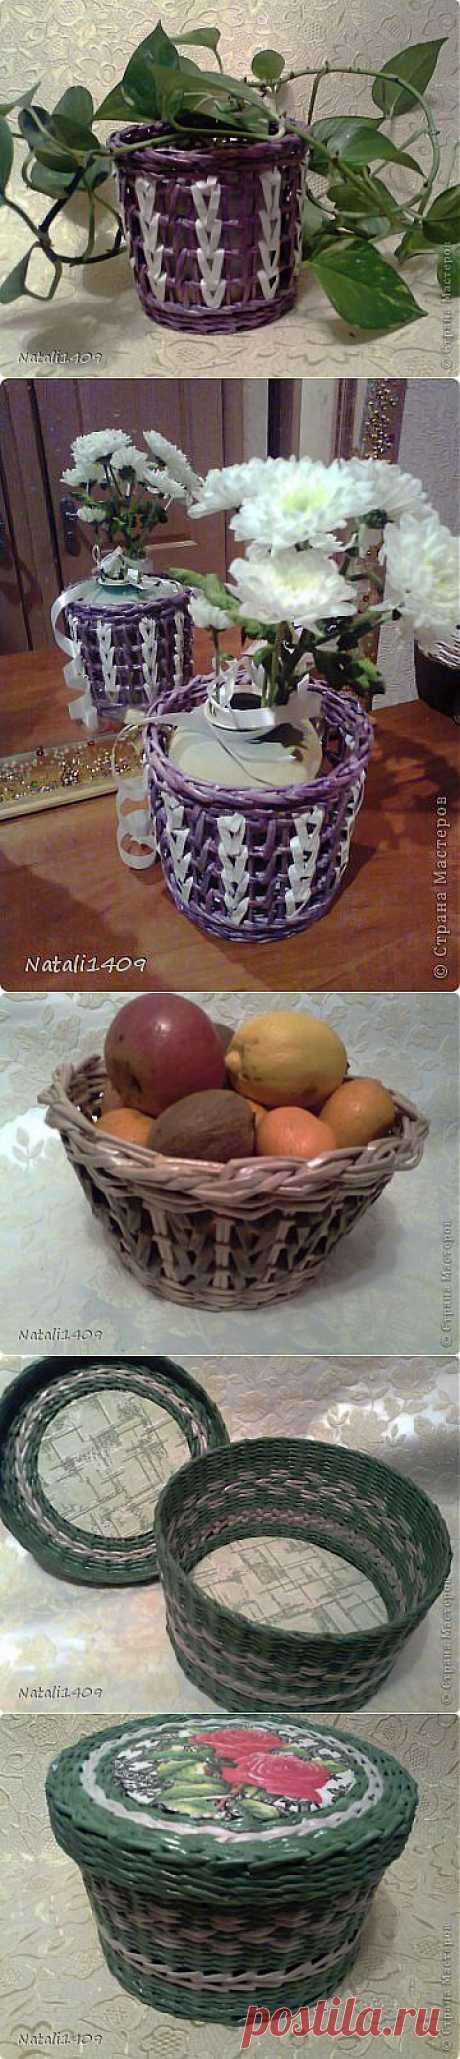 (+1) тема - Плетеные корзины из газетных трубочек Натальи Сергеевны   СДЕЛАЙ САМ!